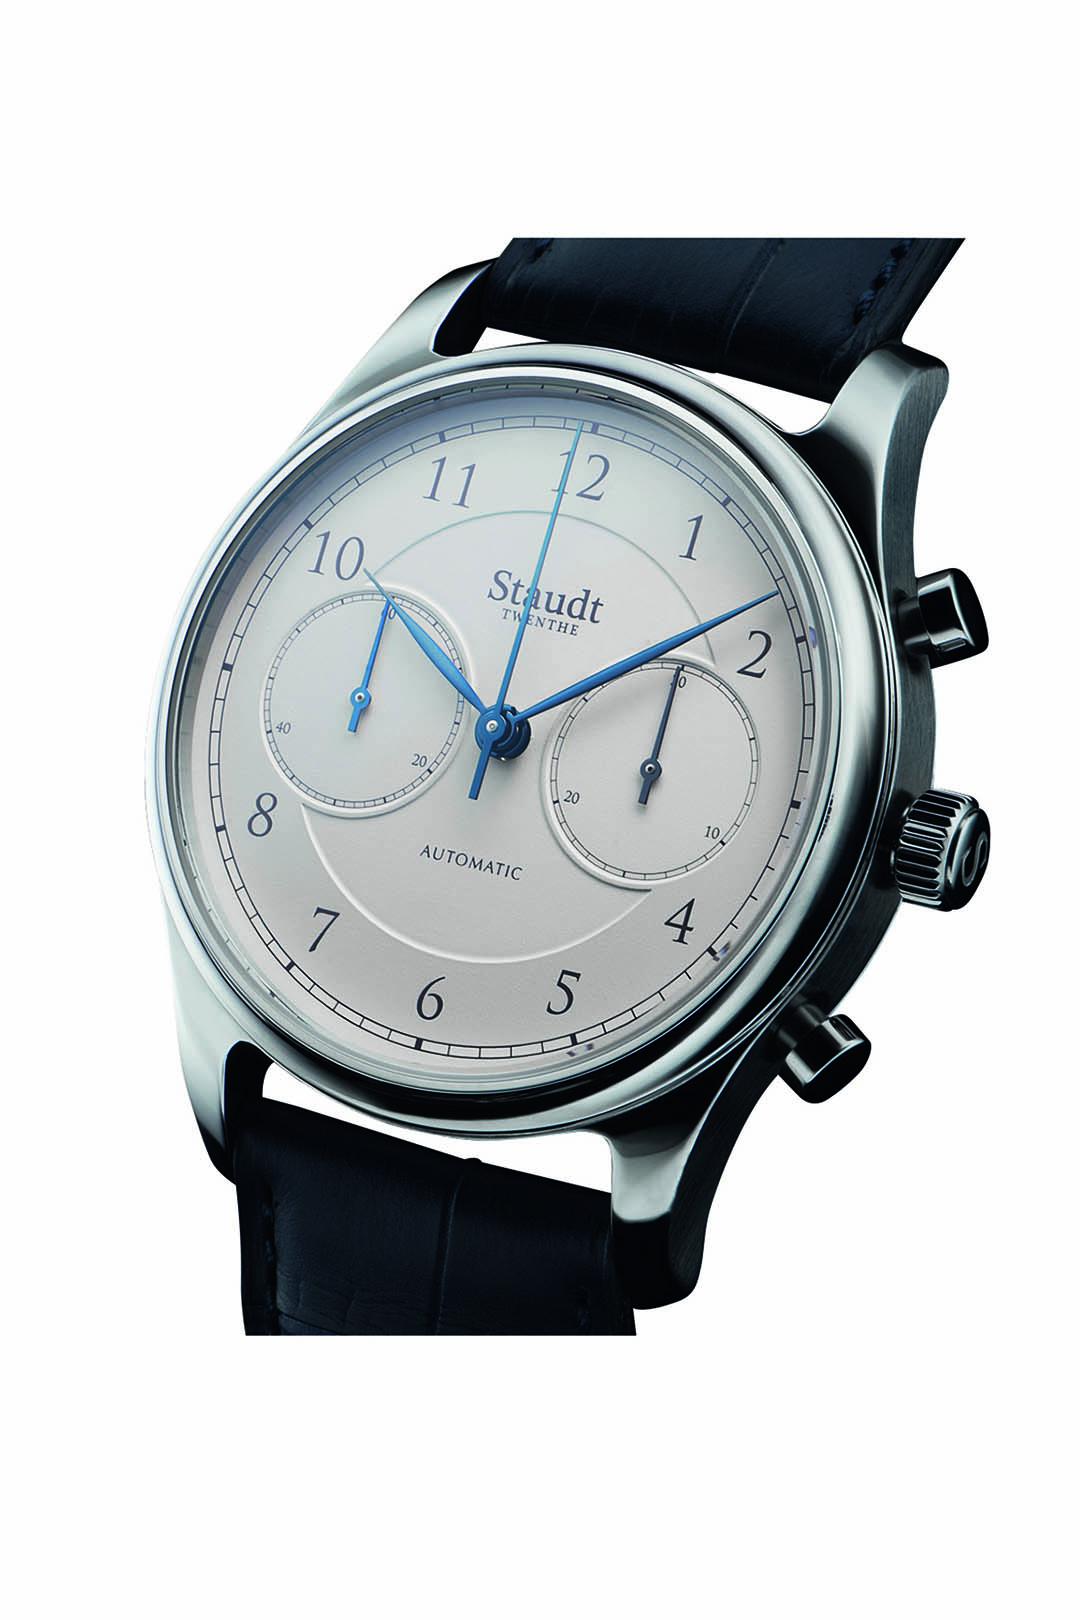 Staudt Watches